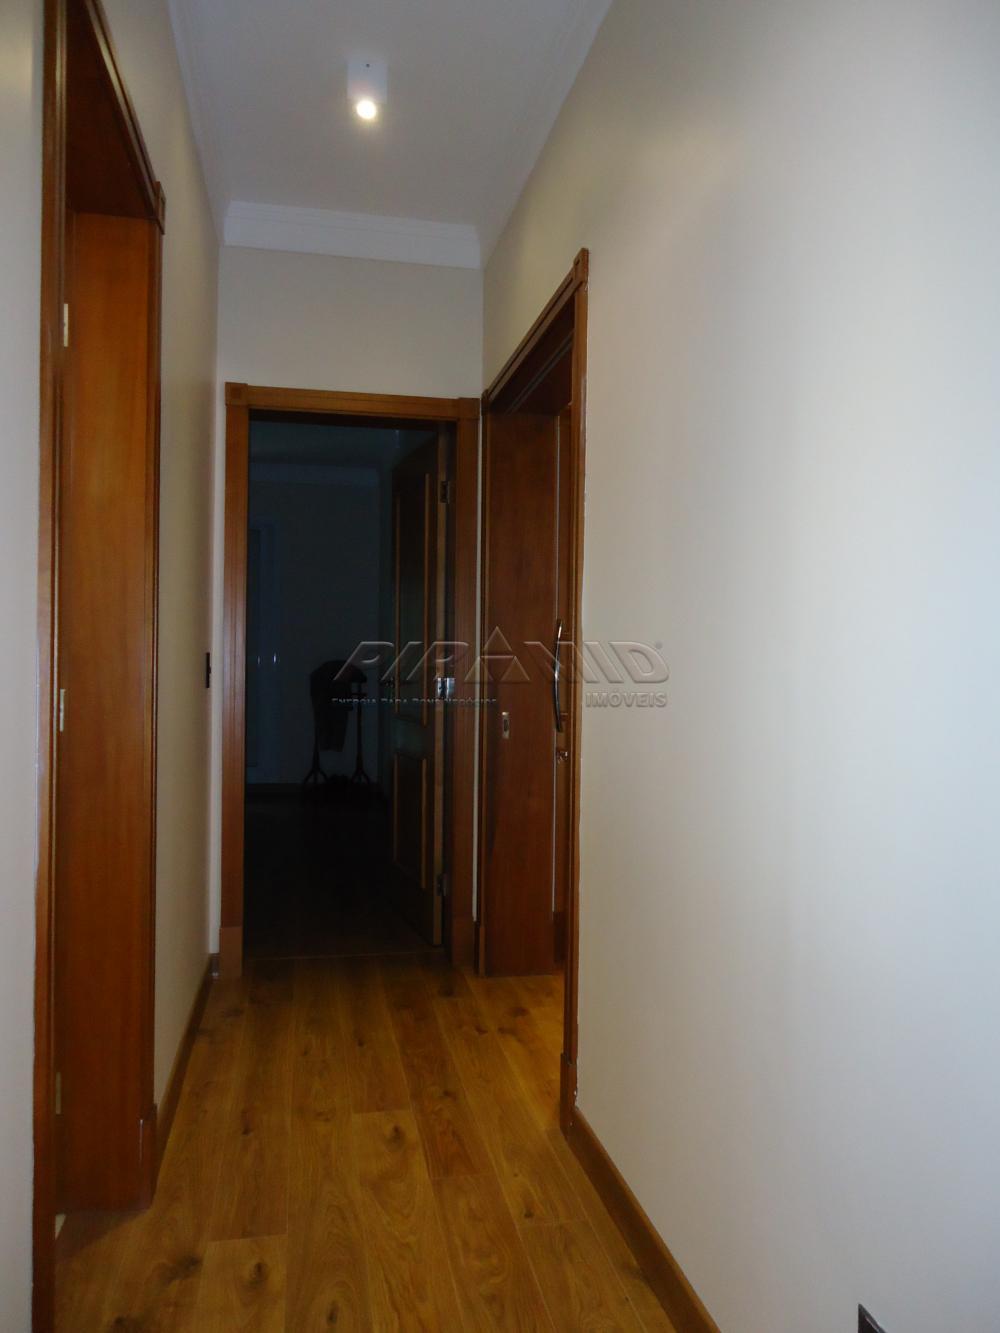 Comprar Casa / Condomínio em Ribeirão Preto apenas R$ 2.600.000,00 - Foto 38